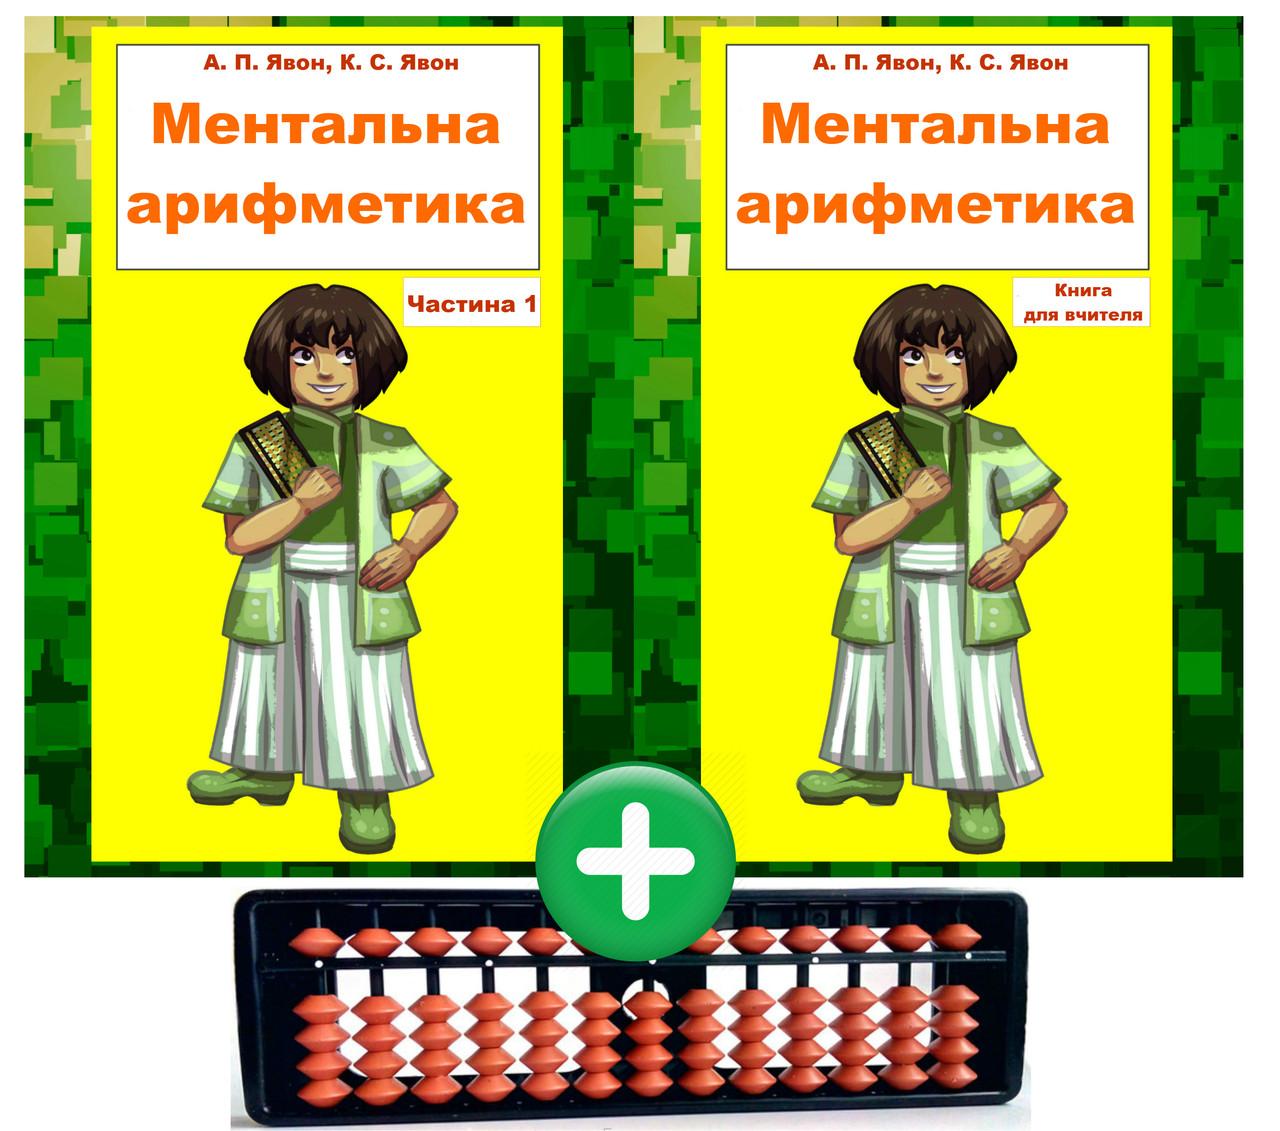 Набір навчальний № 1 ментальна арифметика соробан абакус + рахівниця + Книга для вчителя